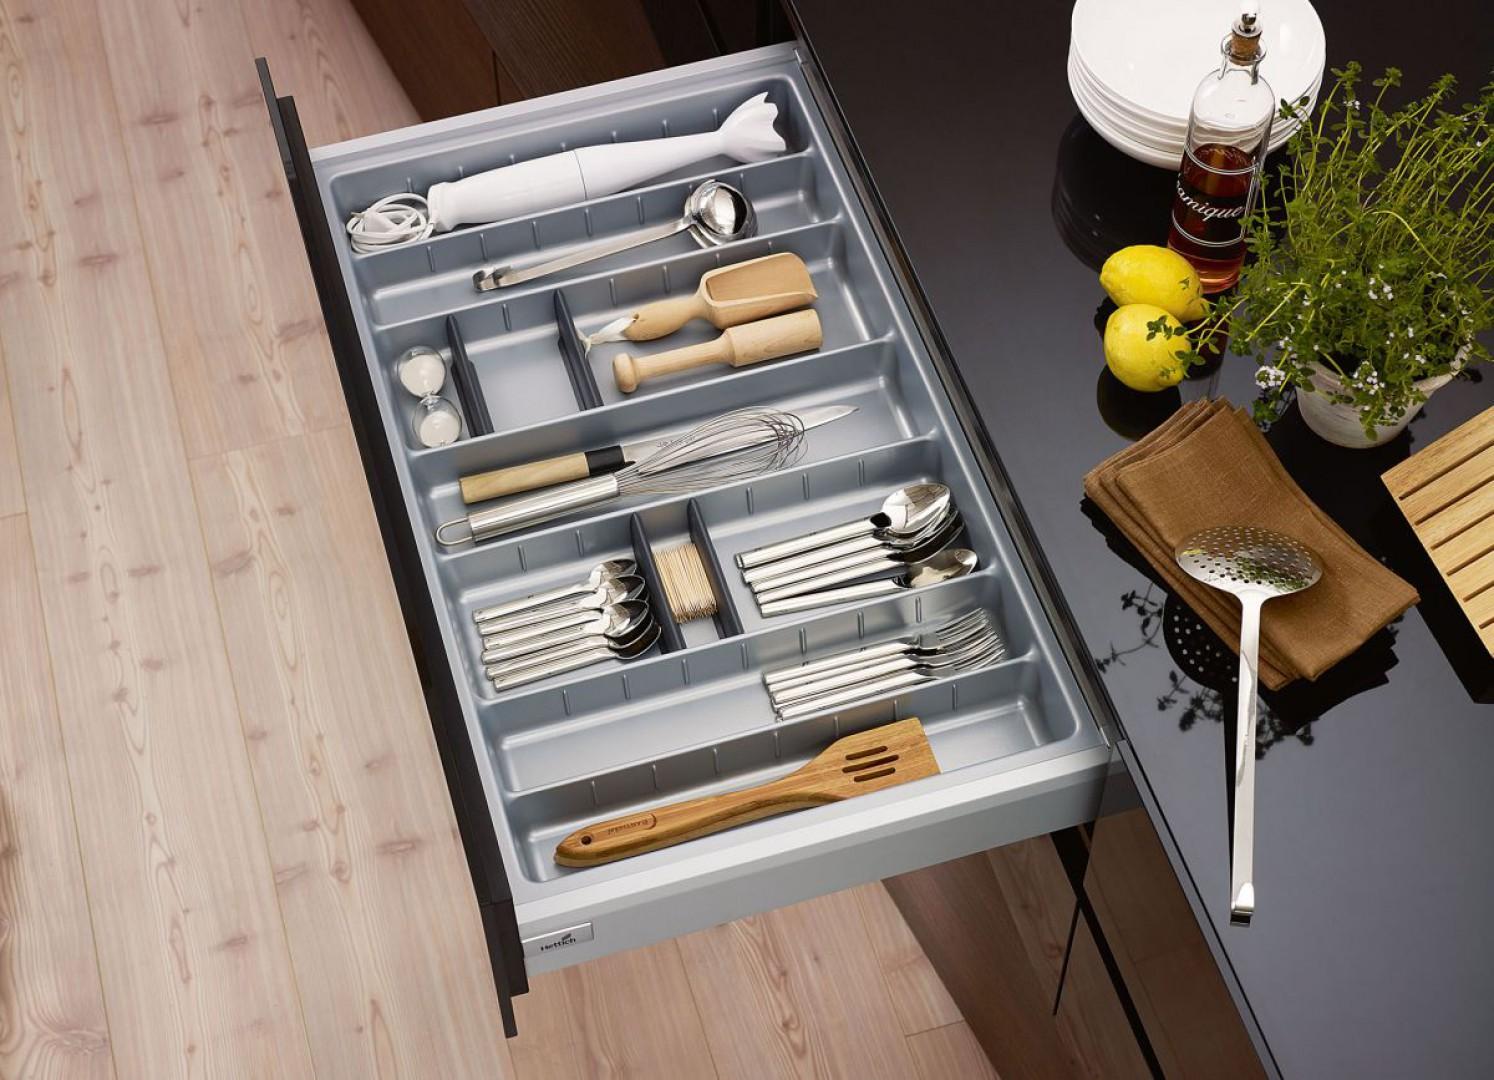 Sztućce i drobne akcesoria kuchenne muszą mieć swoje stałe miejsce w szufladzie, w zaprojektowanym do tego celu oragnizerze. Fot. Hettich